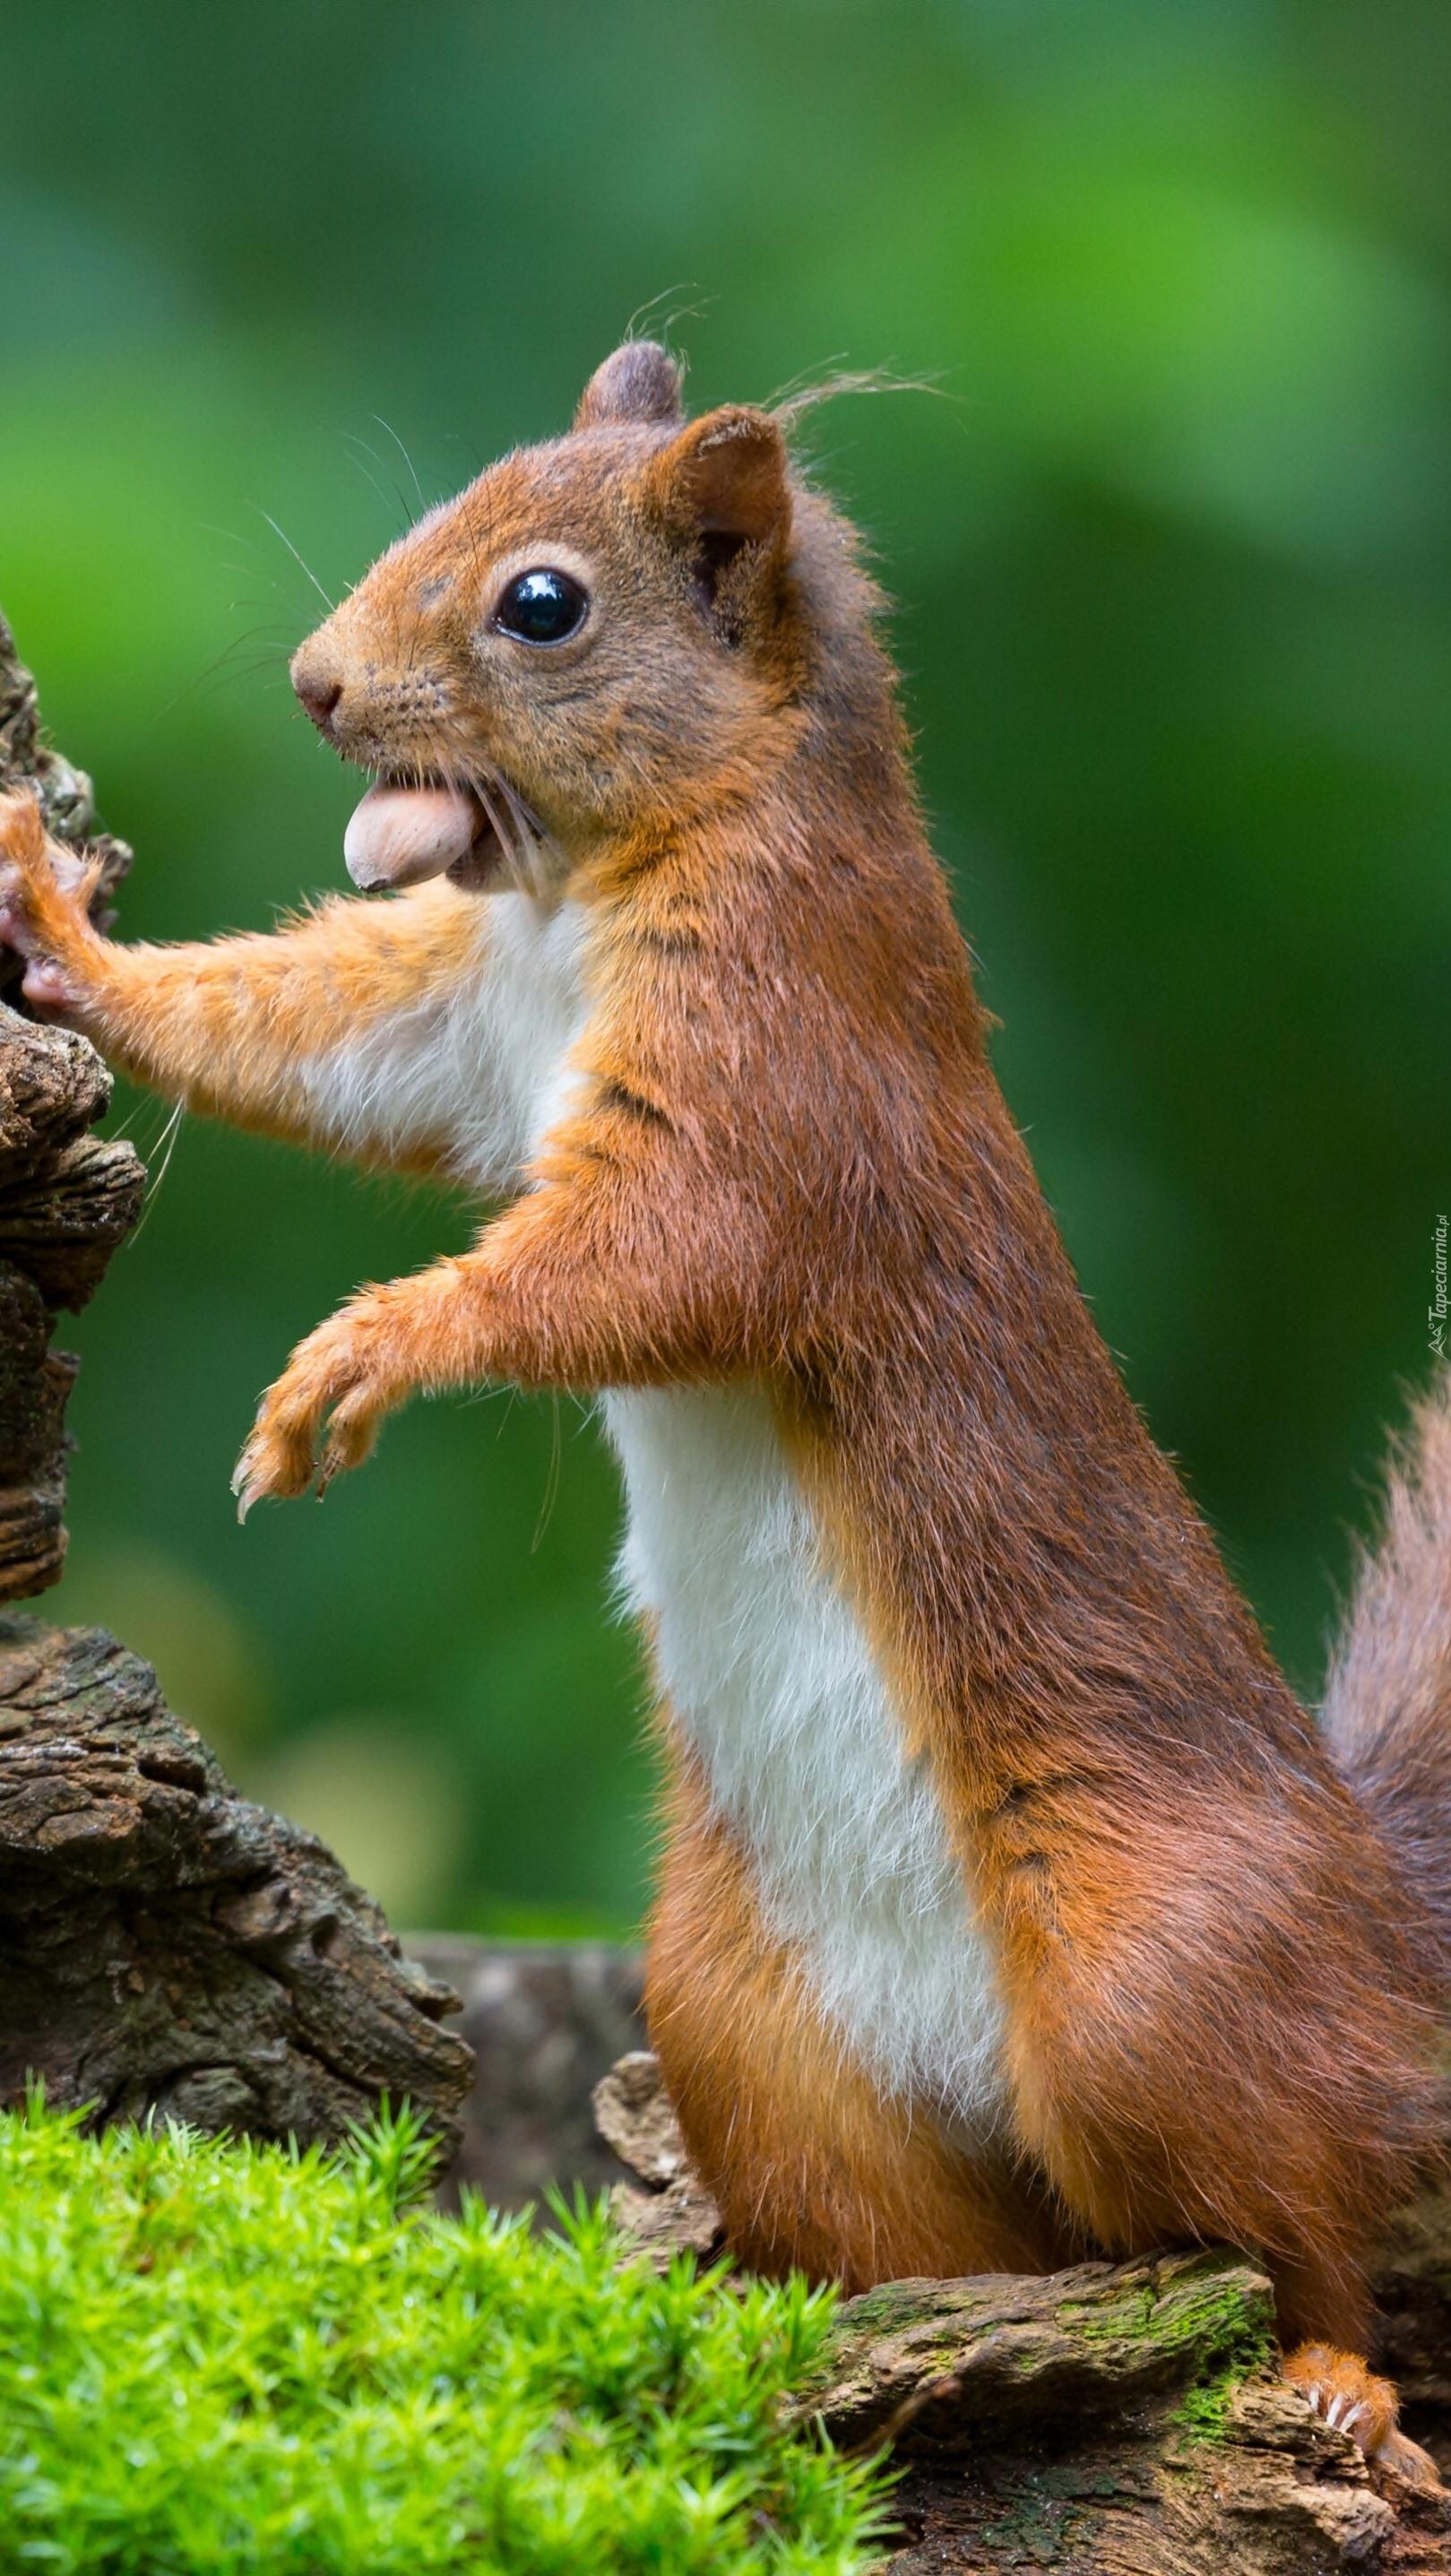 Wiewiórka z orzeszkiem w pyszczku